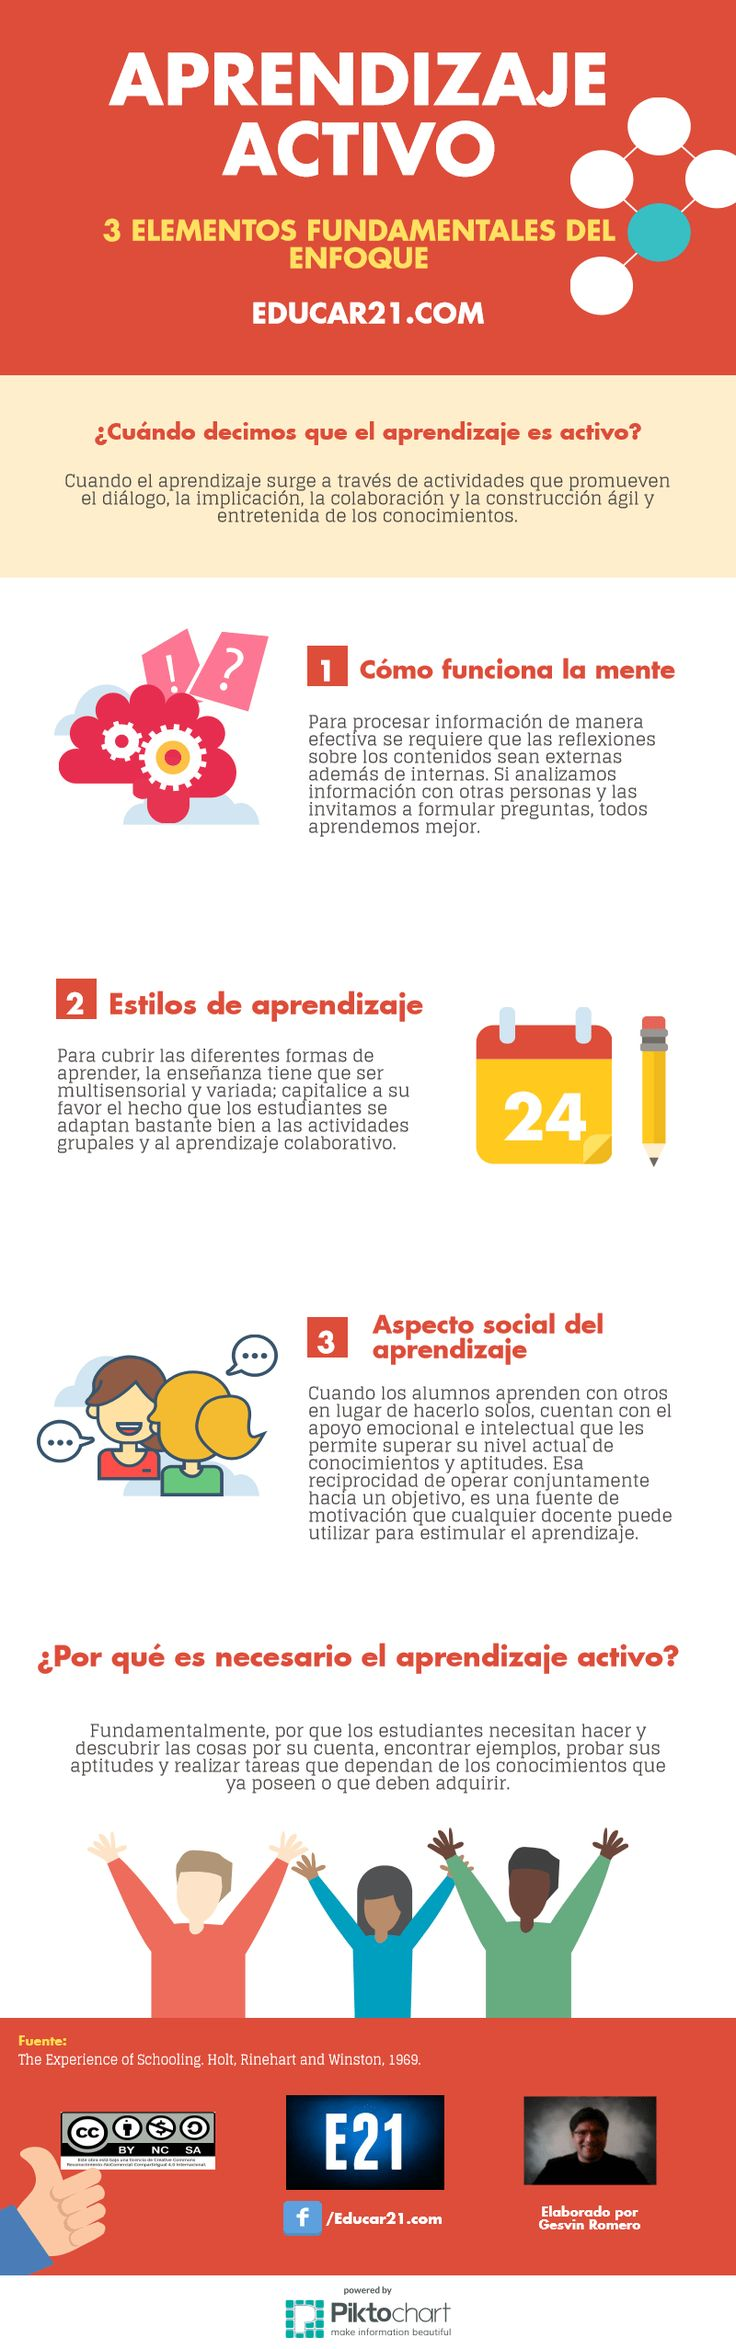 Aprendizaje Activo - 3 Elementos Fundamentales del Enfoque | #Infografía #Educación